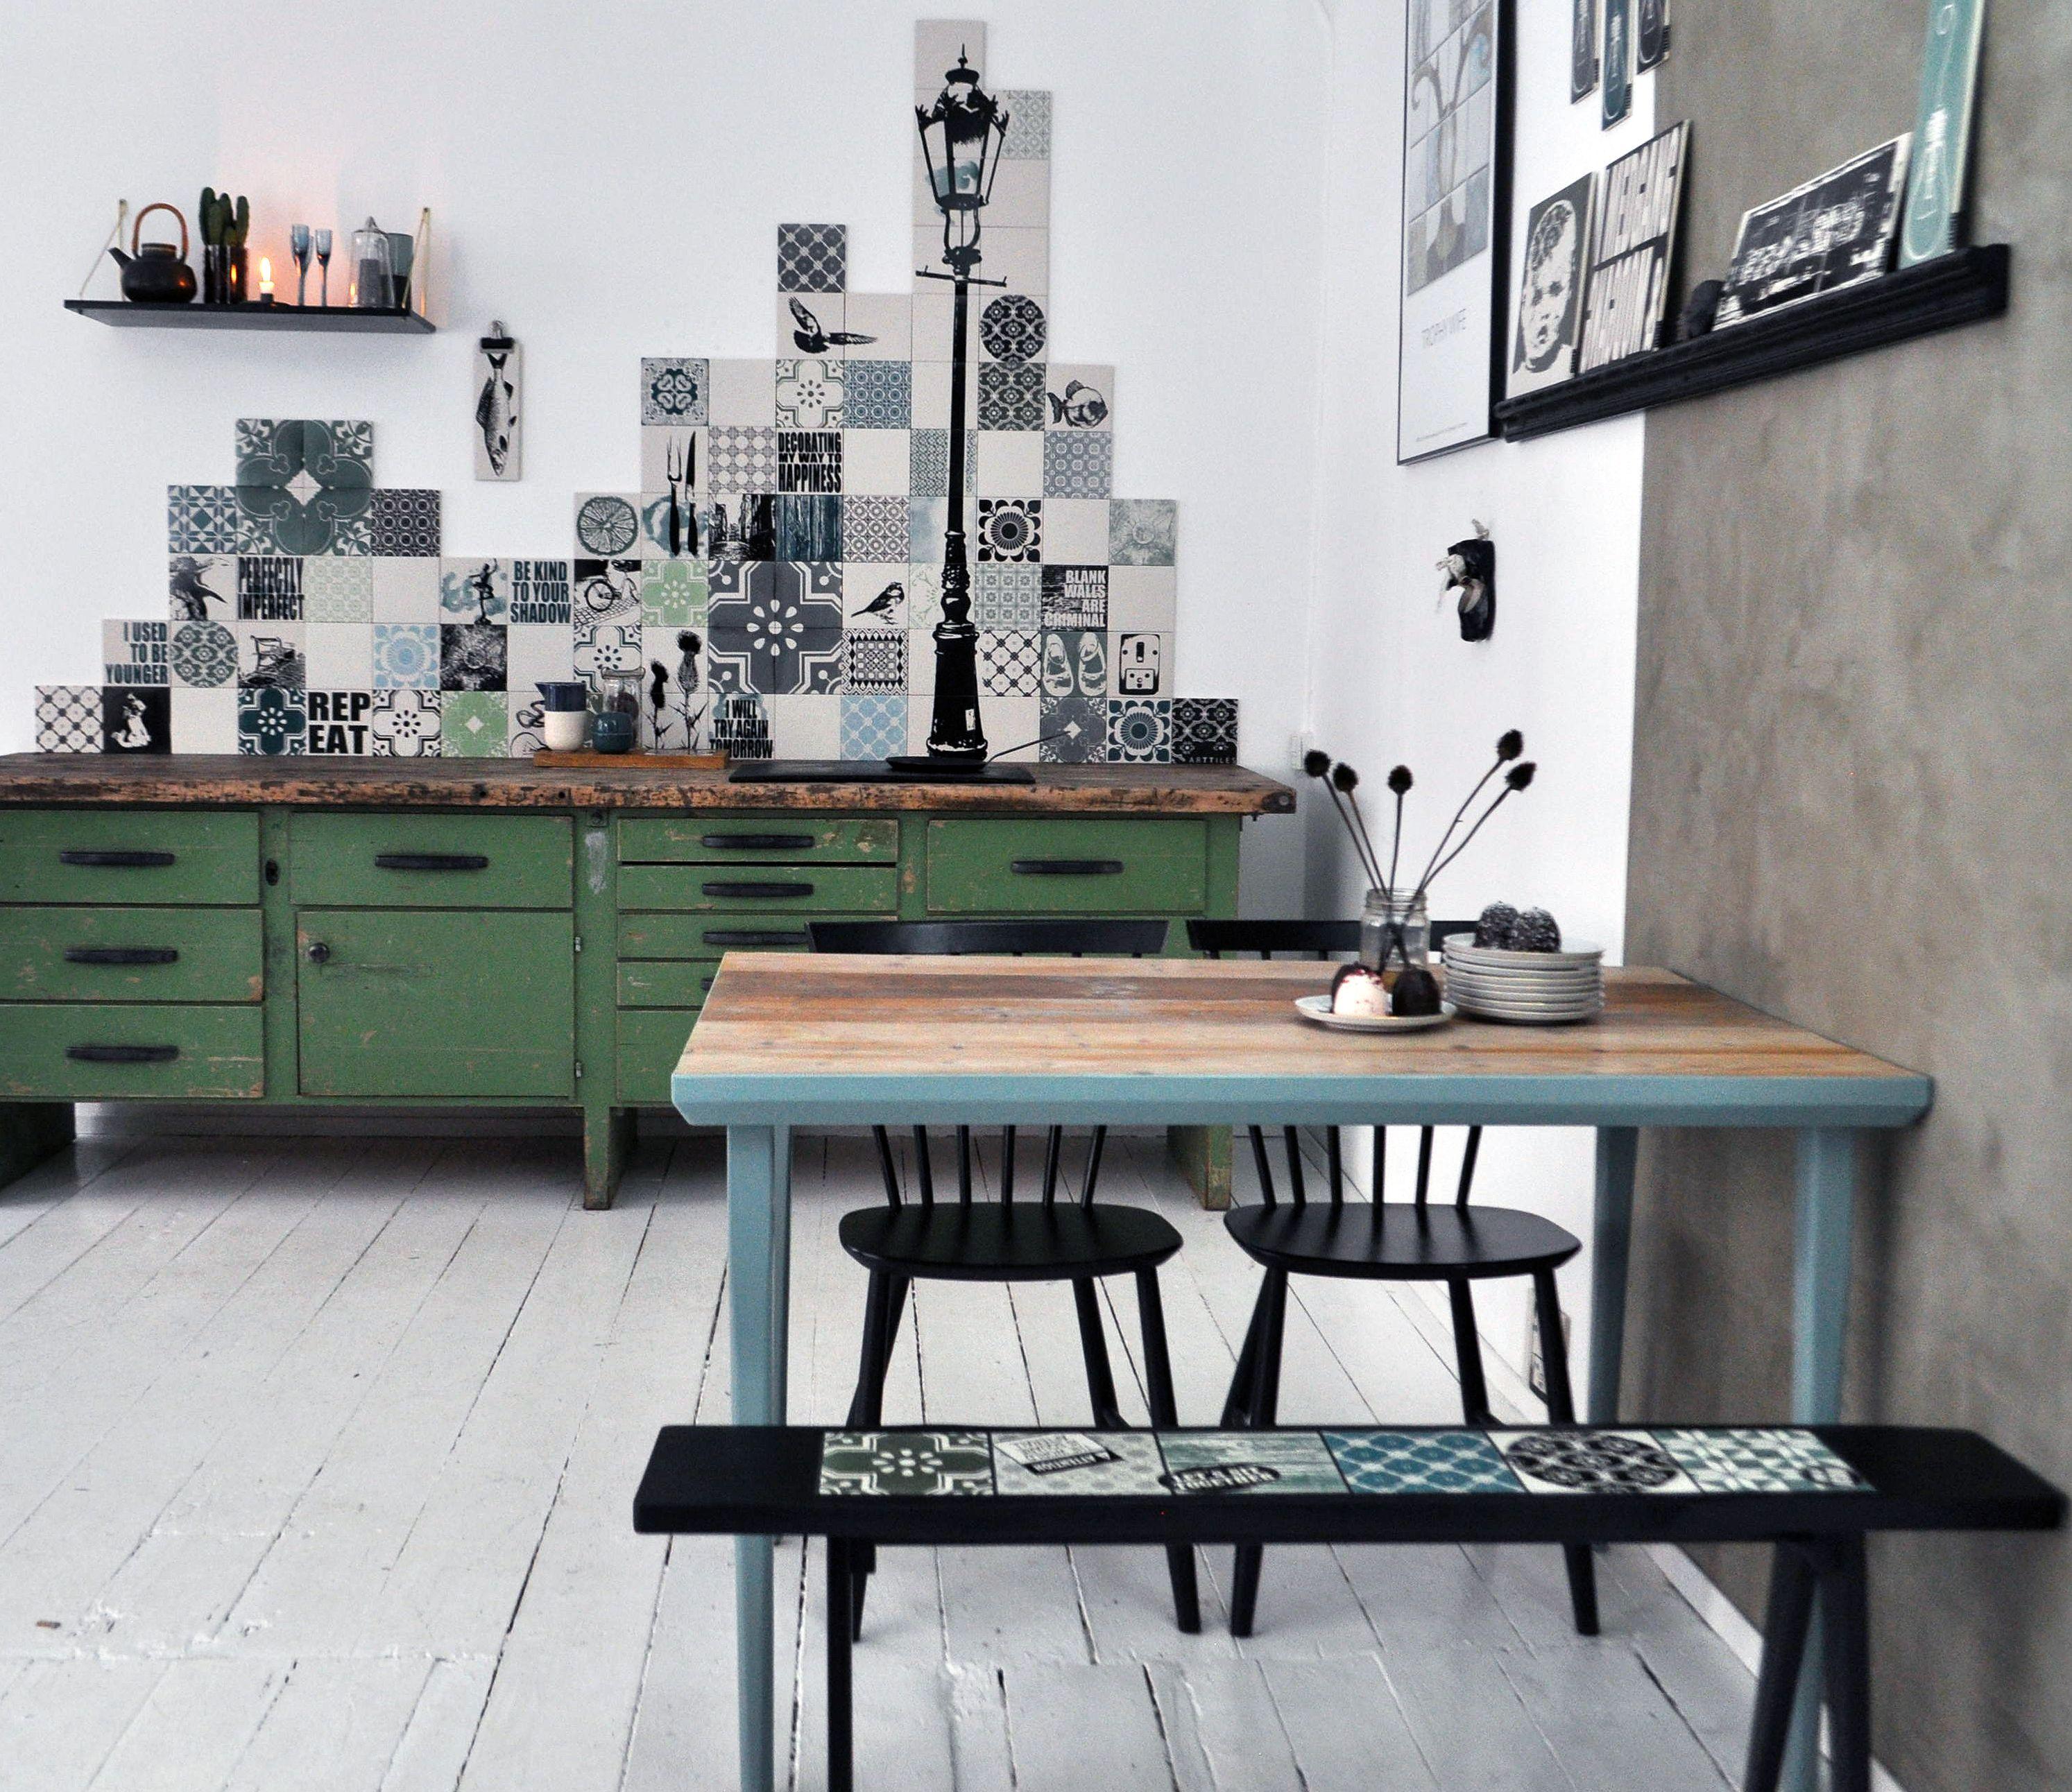 Custom Backsplash Skyline In Copenhagen Kitchen Hand Printed Porcelain Tiles From Arttiles